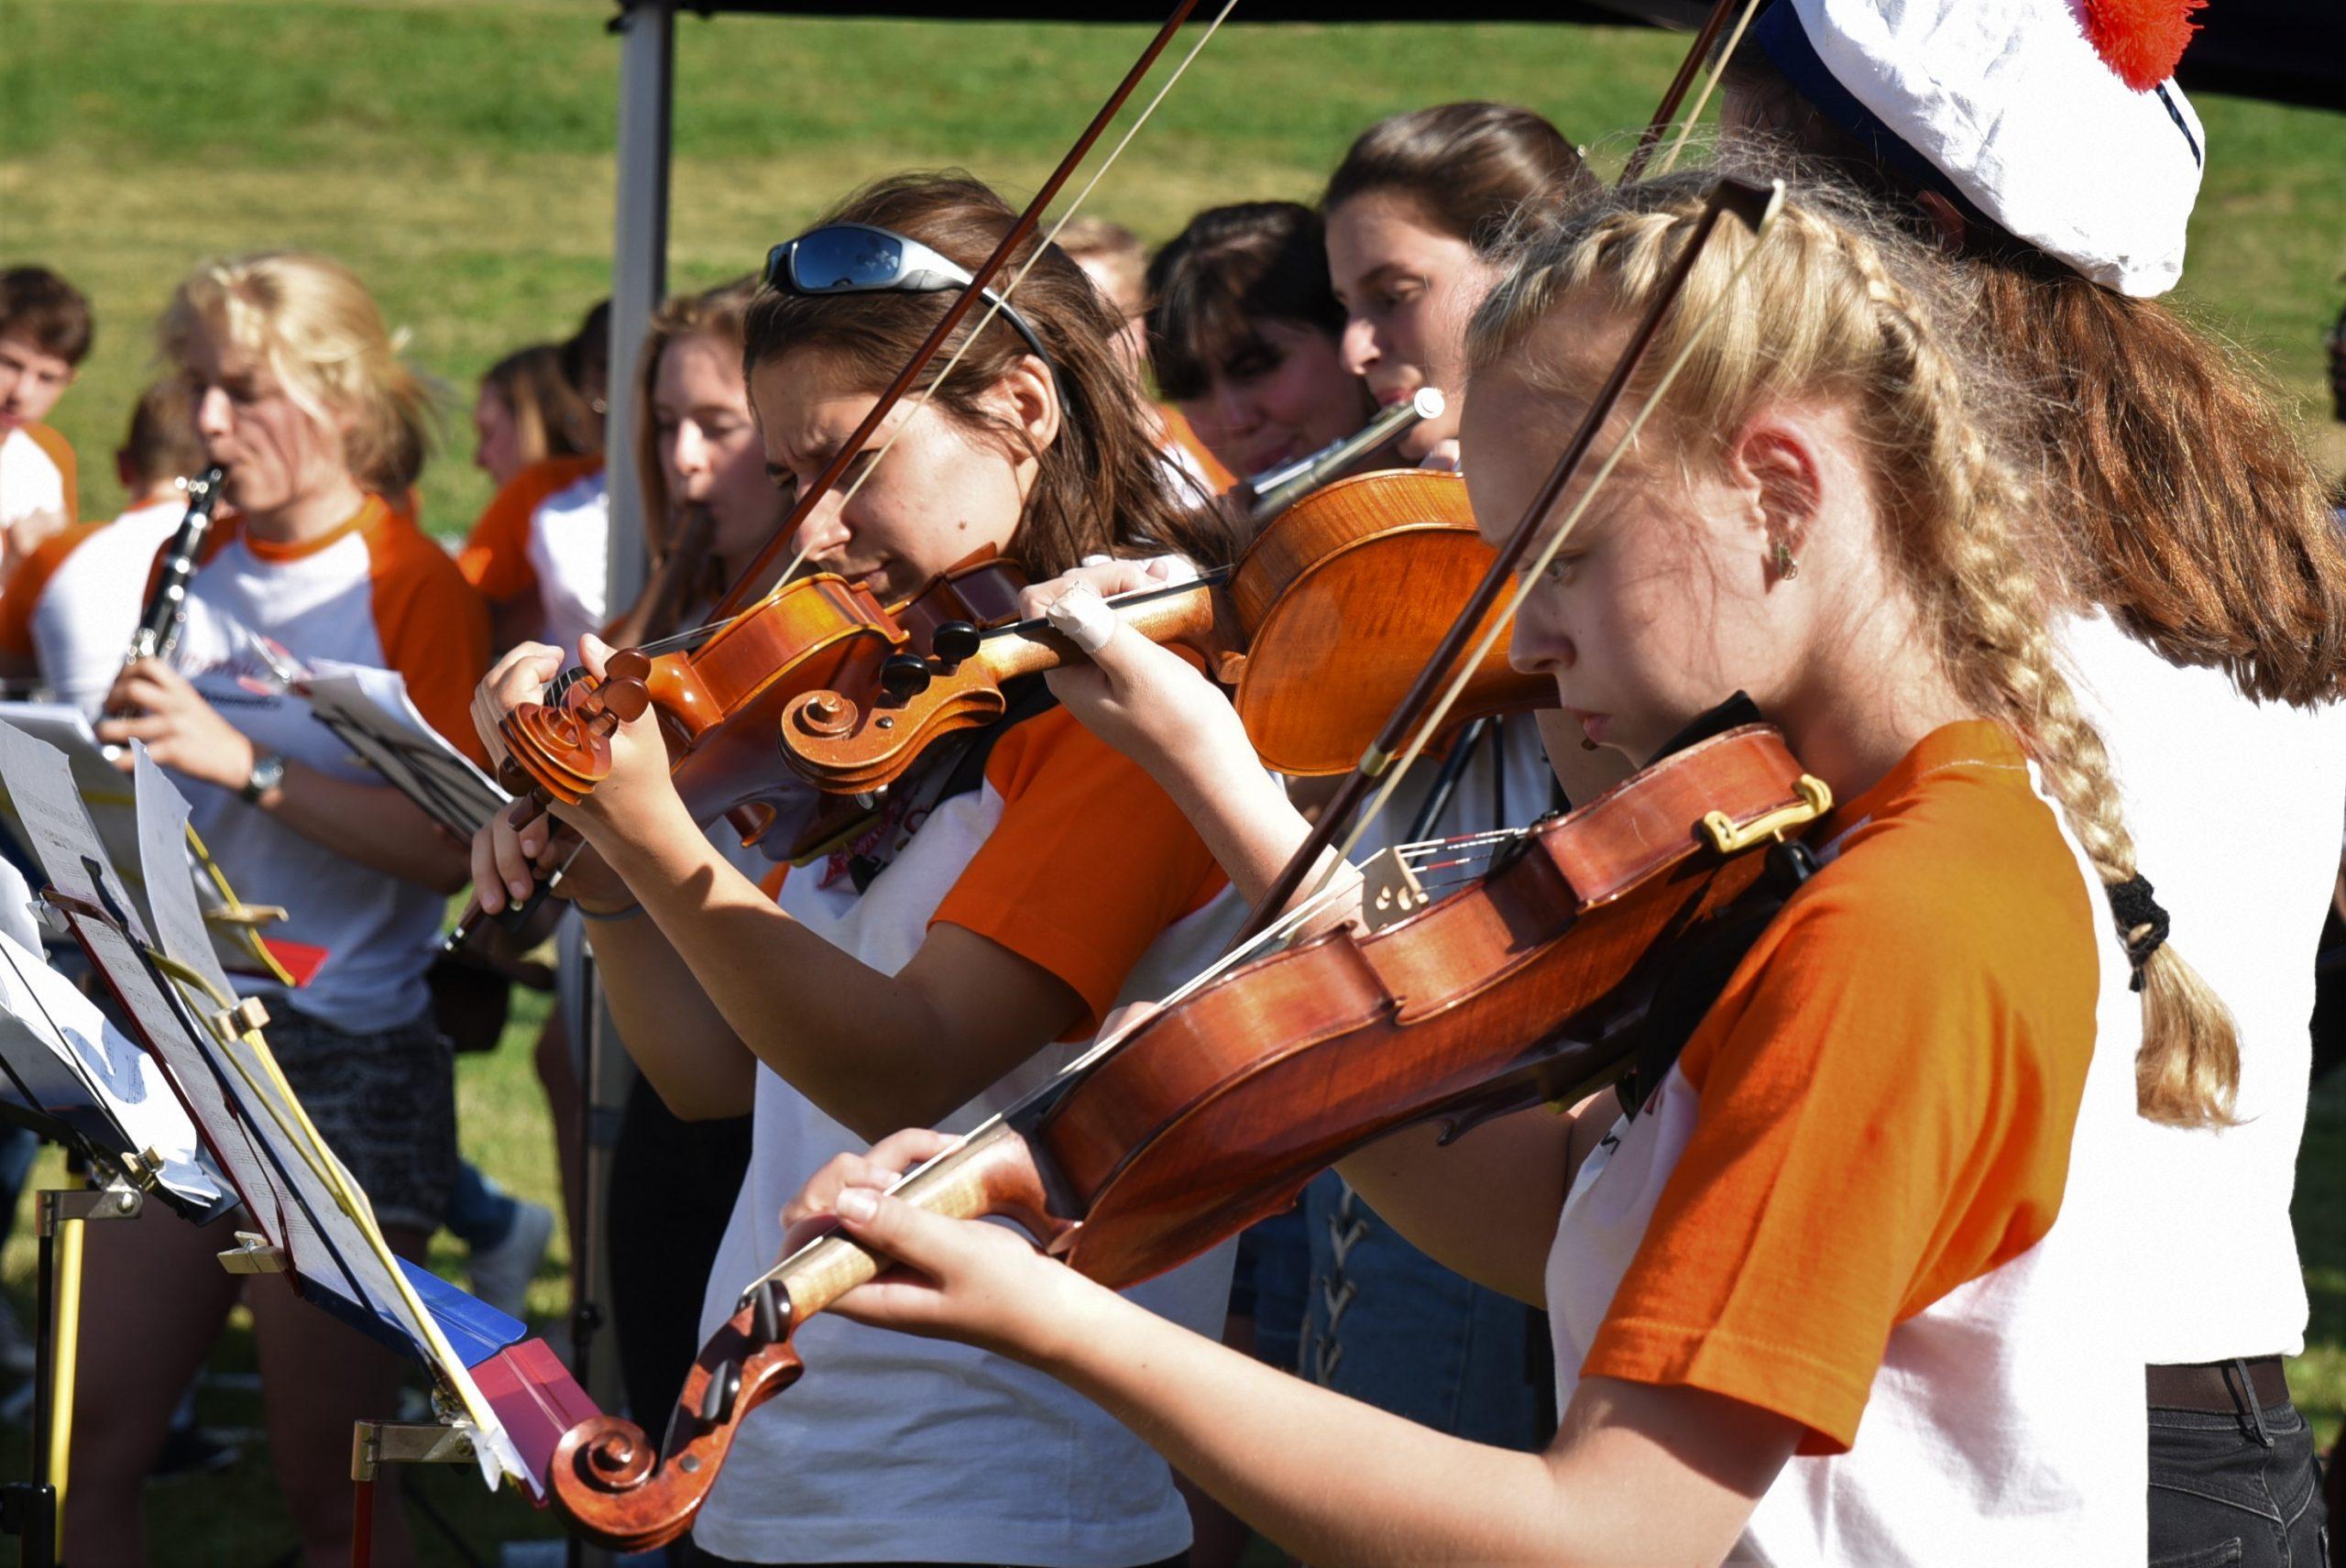 violon jouer stage musique plaisir vacances